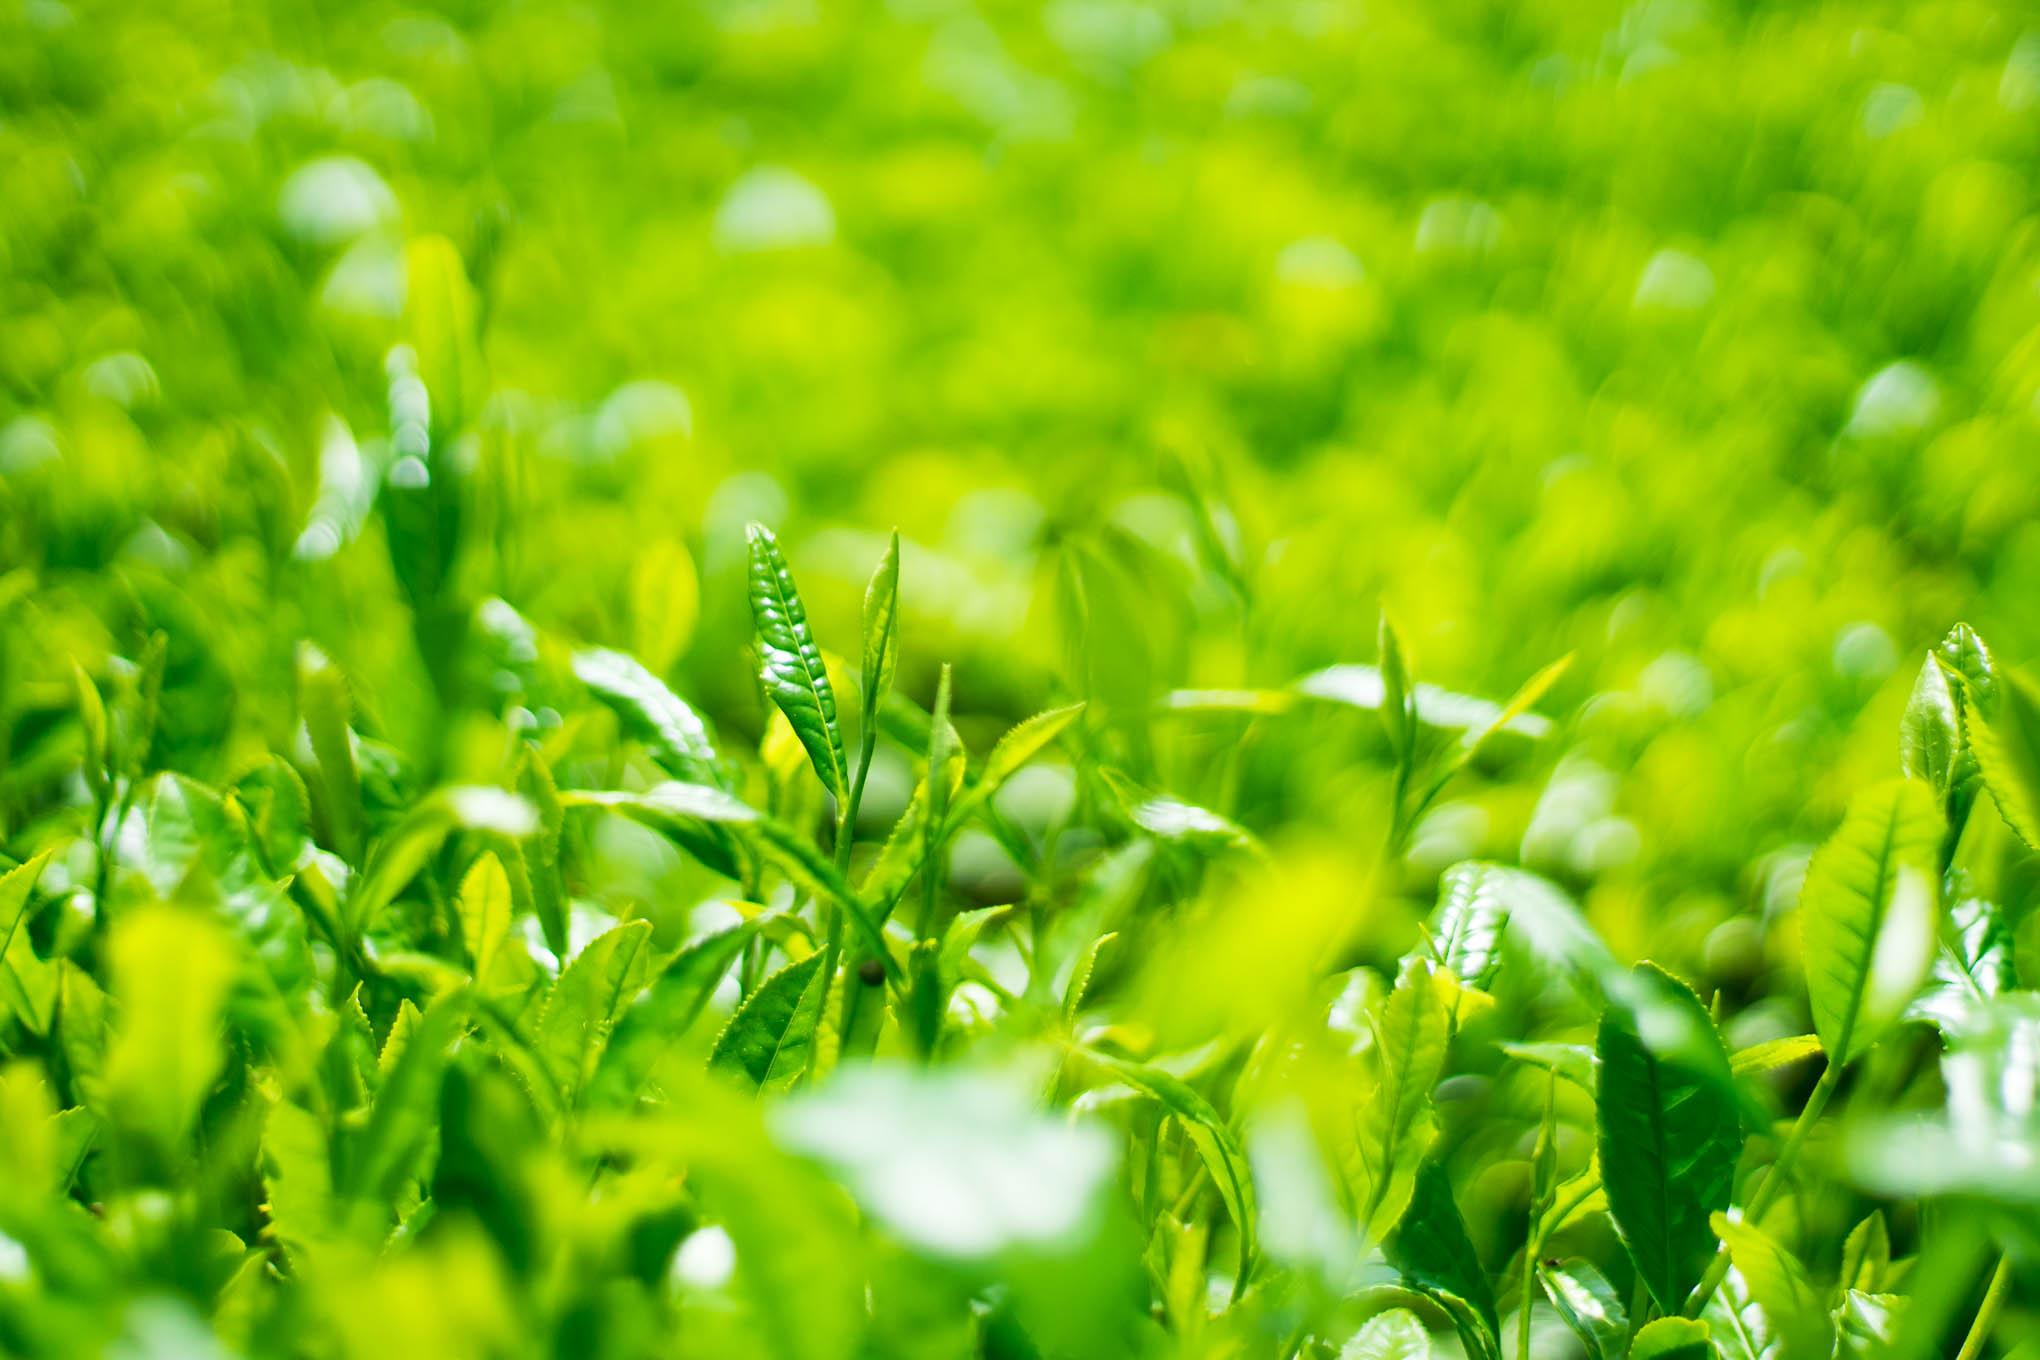 ヤッホー!暮らしの往復書簡vol.23お茶の新芽がキラキラと